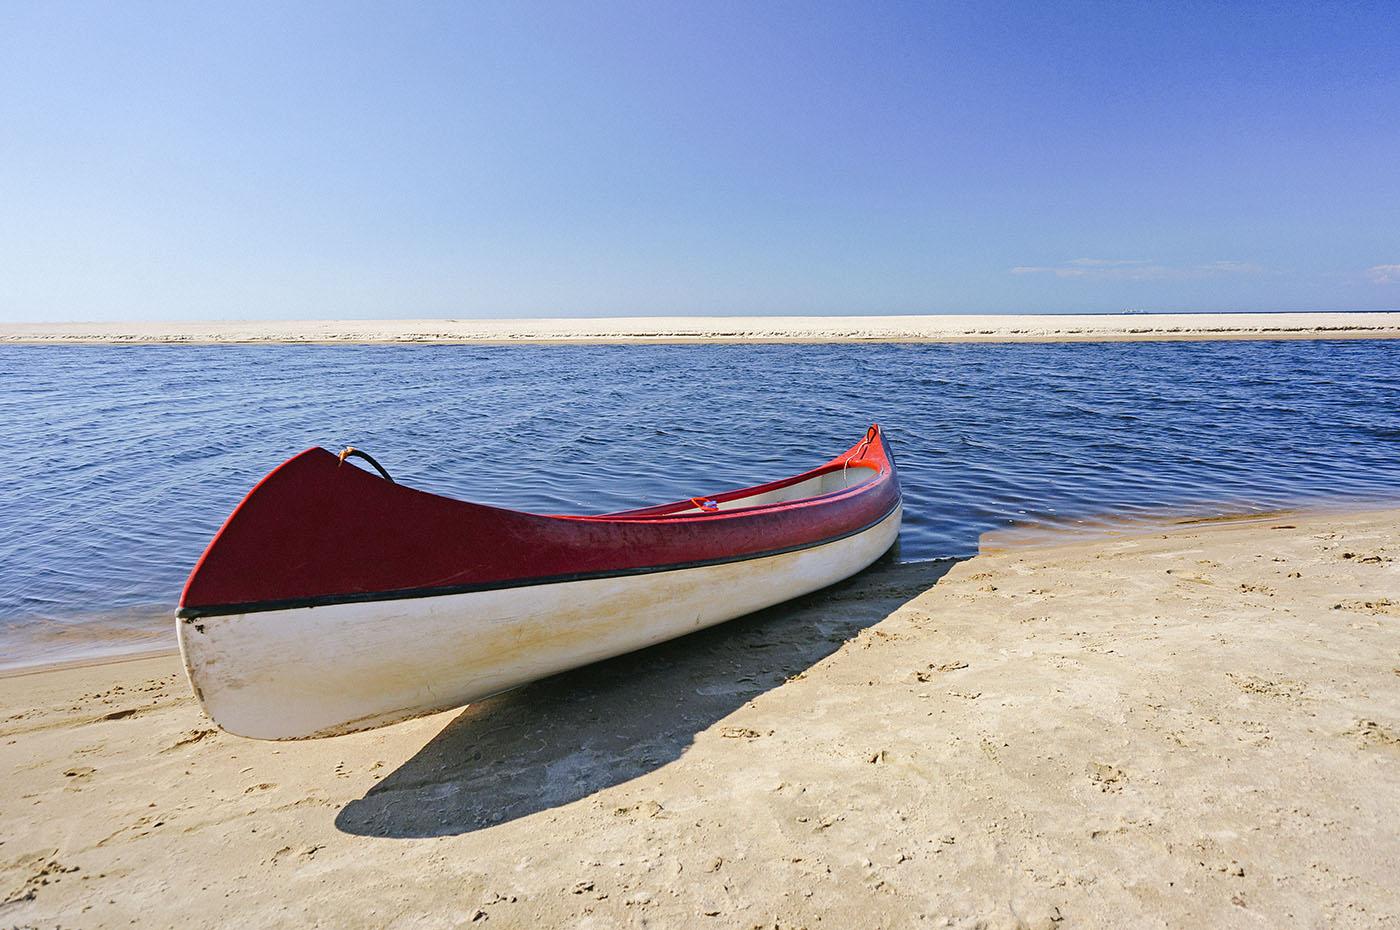 Laivu brauciens: Rinda un Irbe līdz jūrai